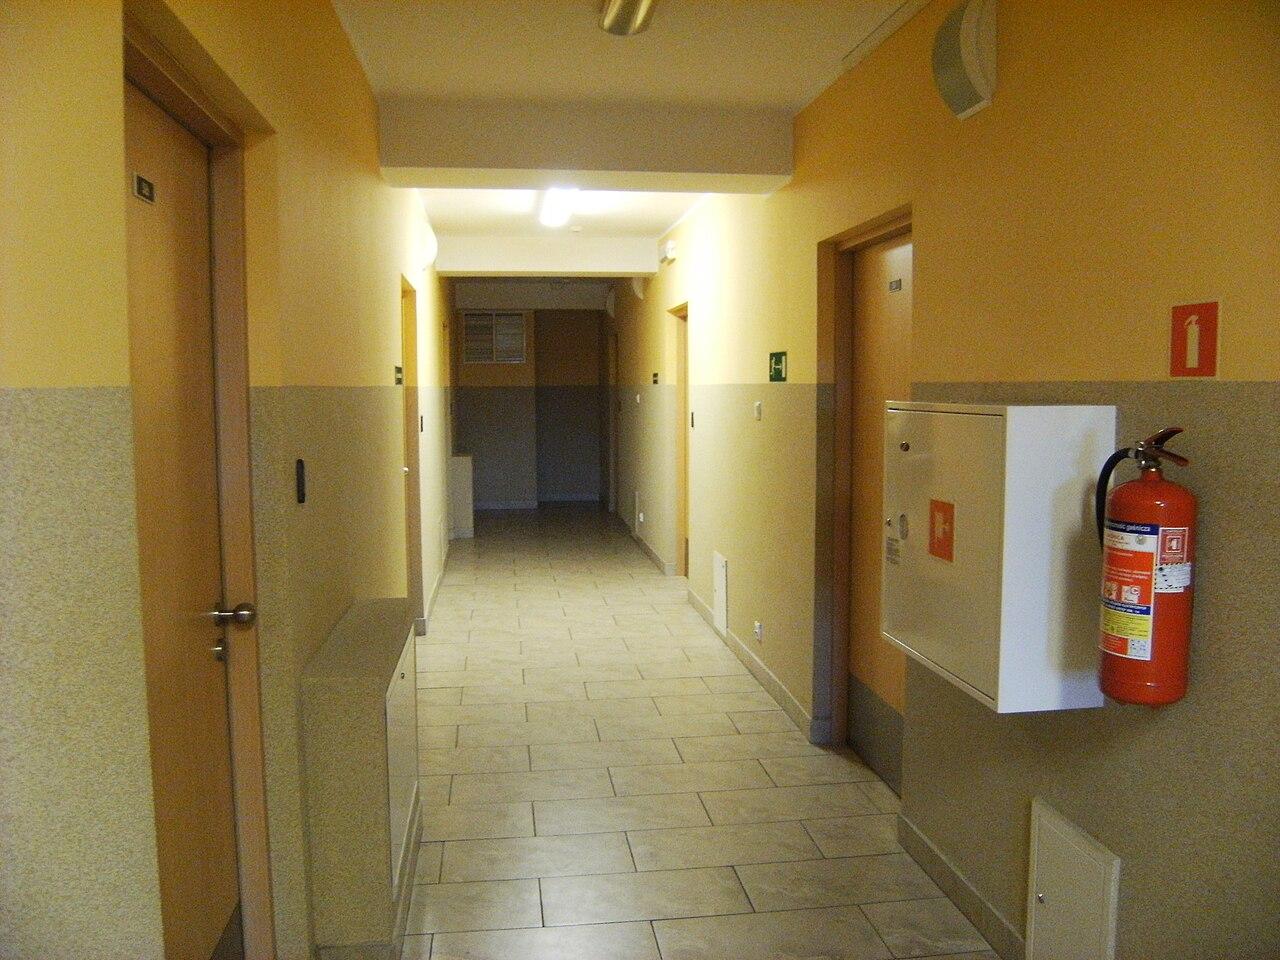 Dorm Room Door Stop